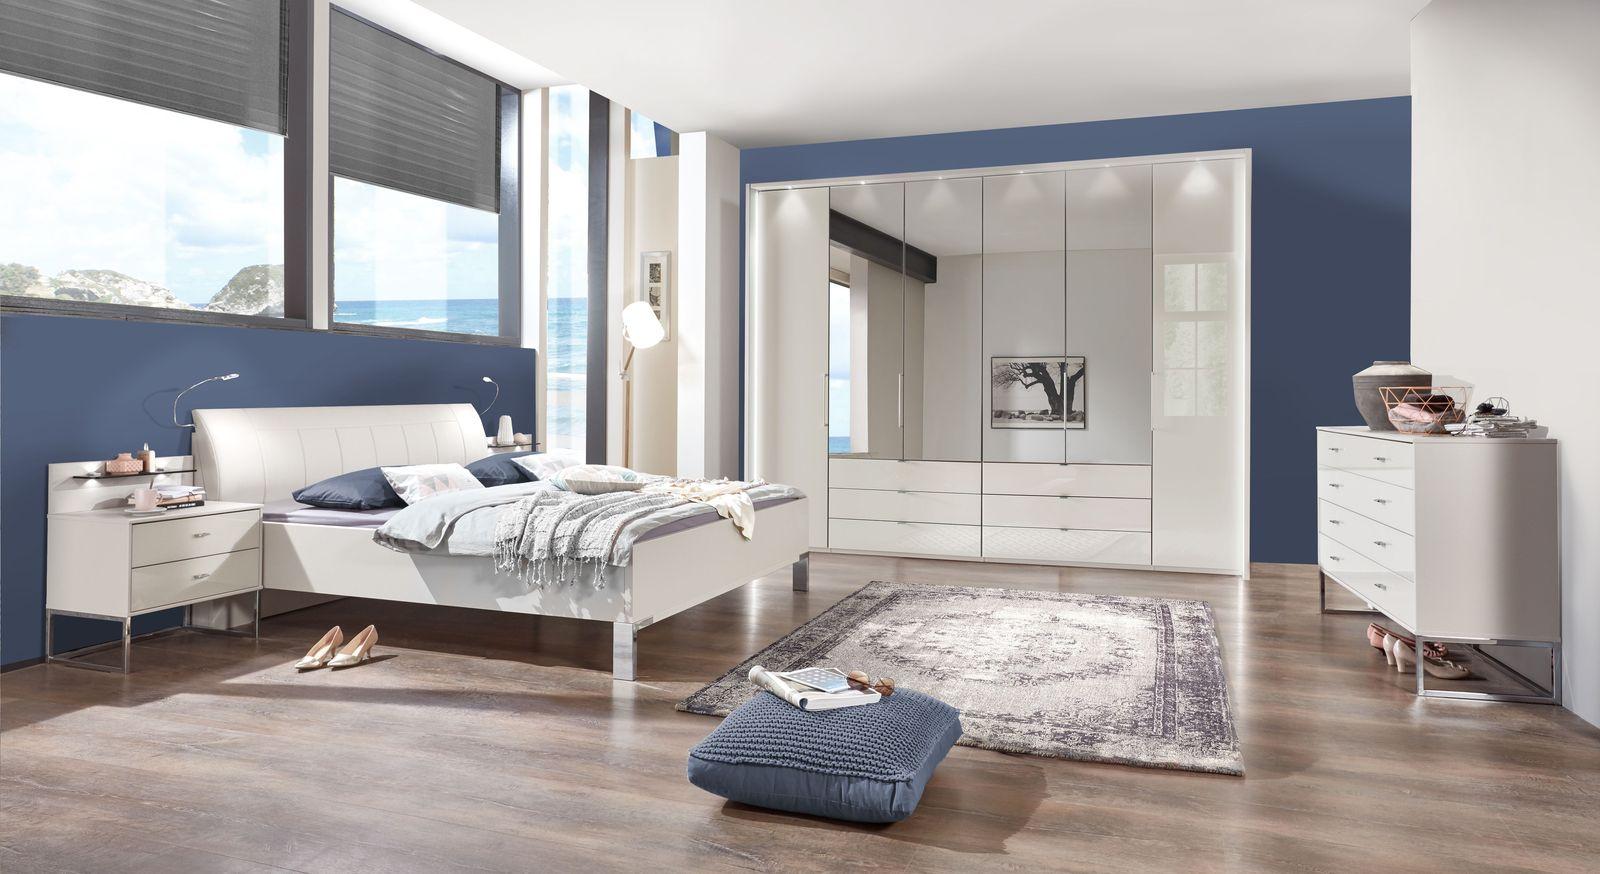 Komplett-Schlafzimmer Elmira mit champagnerfarbenen Möbeln